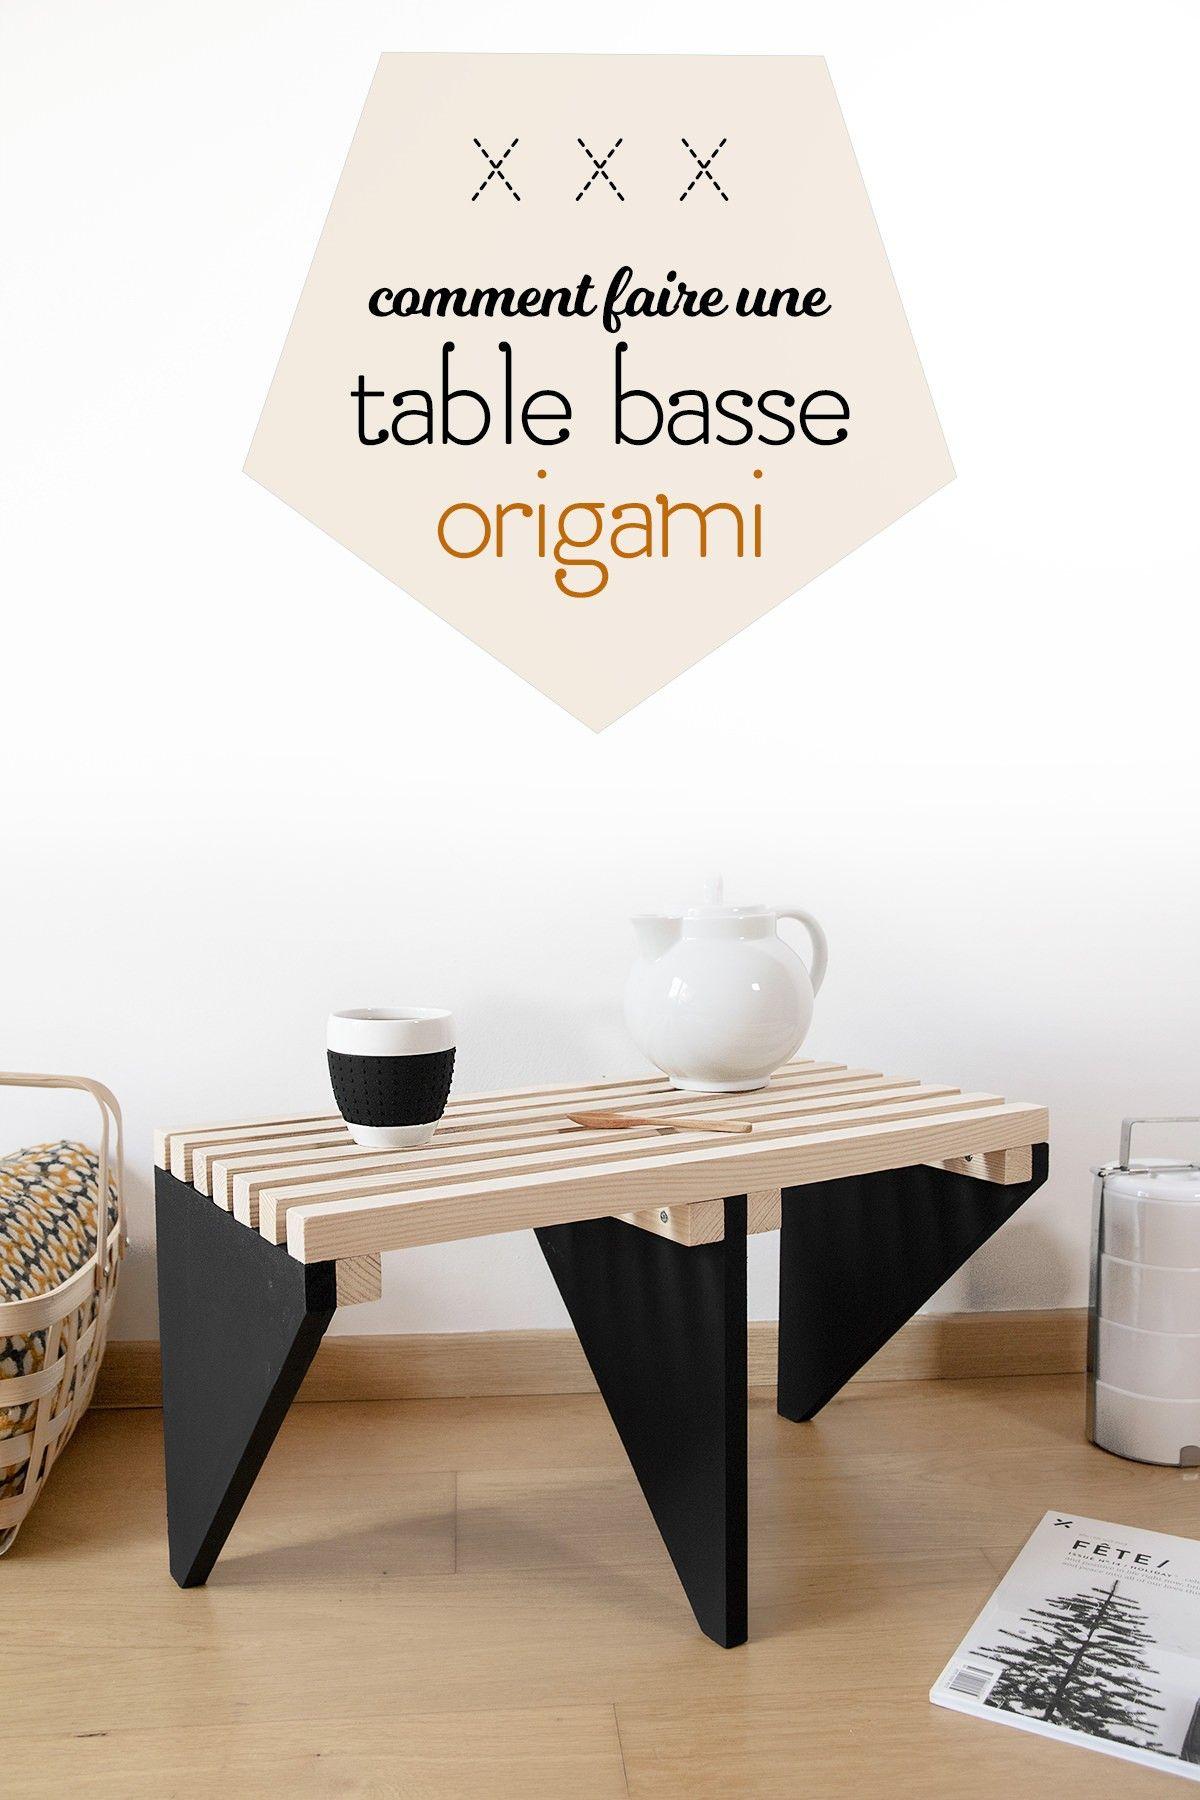 Epingle Par Marine Metscr Sur Deco Faire Une Table Basse Table Basse Table